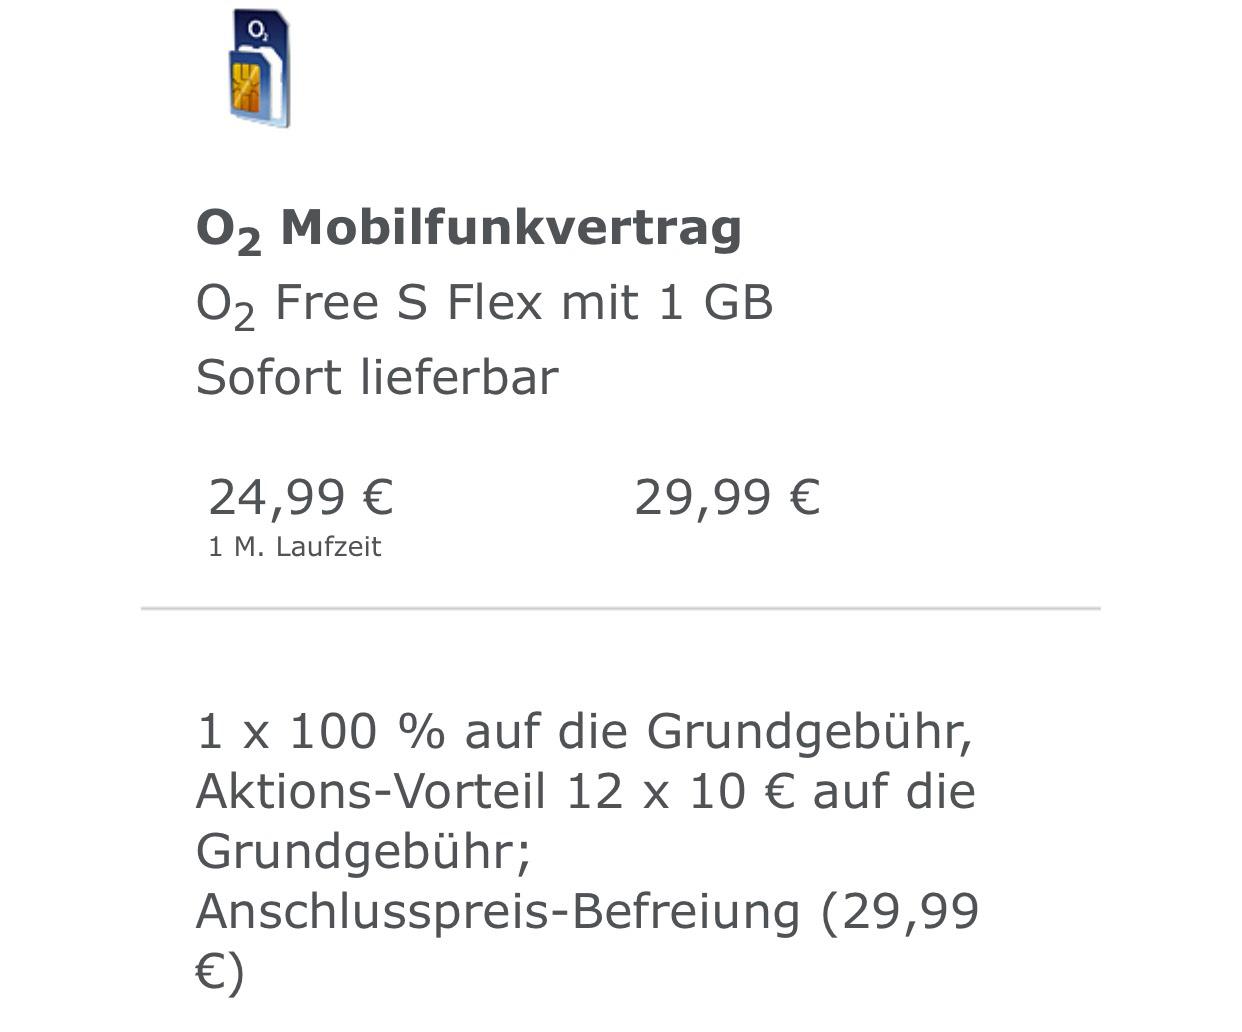 o2 Free S Flex unbegrenztes Datenvolumen für 14,99€ monatlich + Aktivierungsgebühr geschenkt